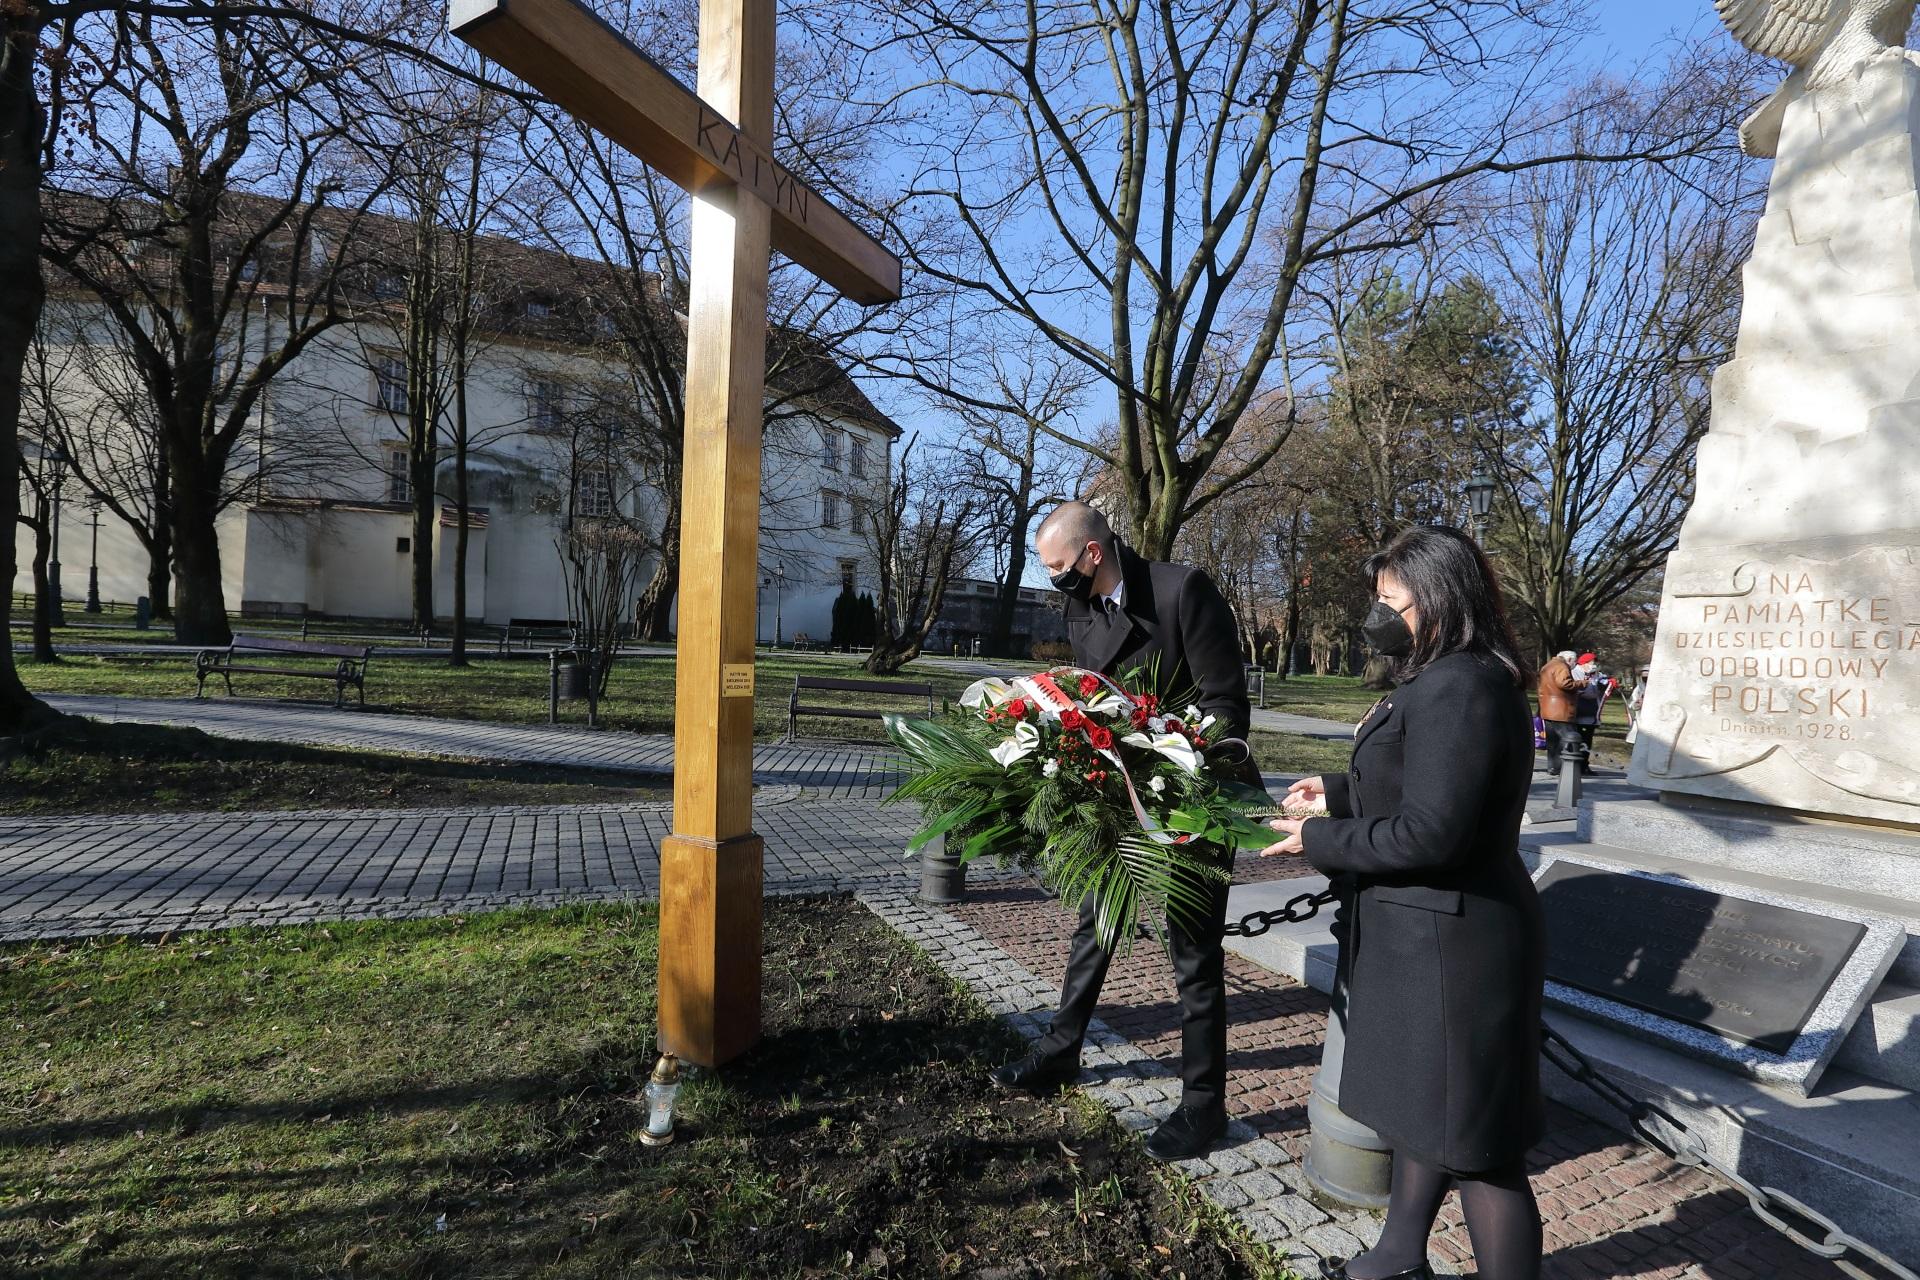 Poseł Urszula Rusecka oddaje hołd ofiarom Katynia oraz katastrofy Smoleńskiej. Asystent pani poseł kładzie biało-czerwoną wiązankę pod wysokim drewnianym krzyżem